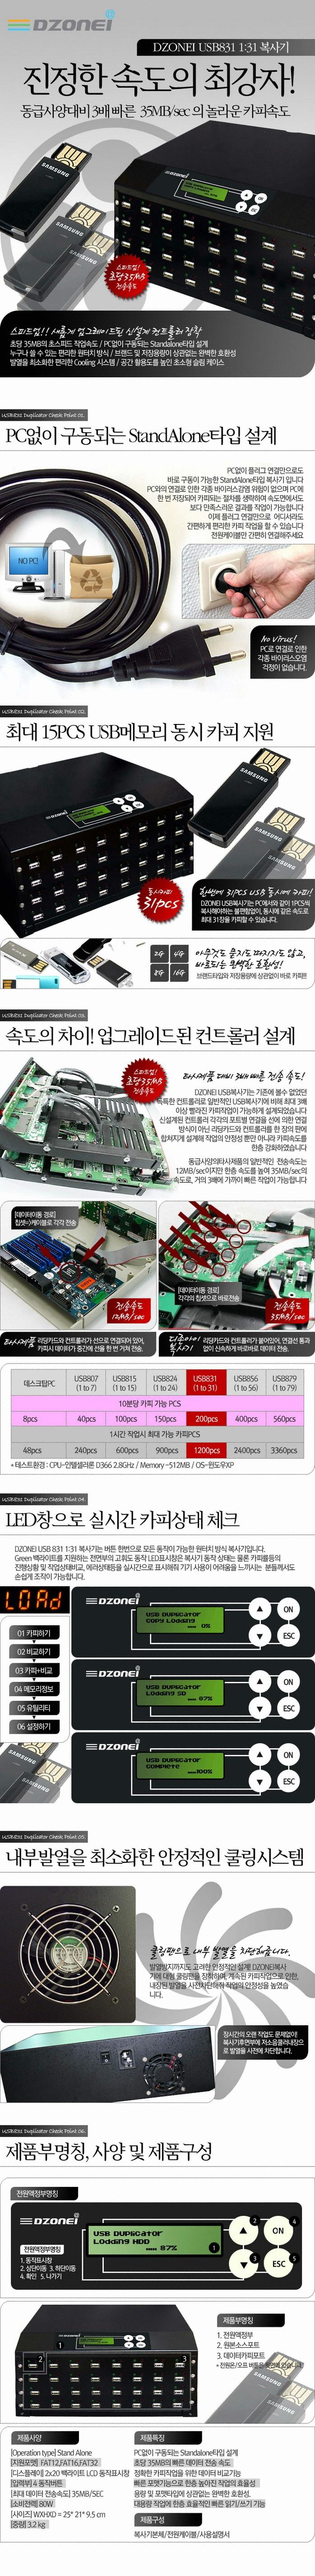 디지털존 DZONEI USB831 1:31 복사기